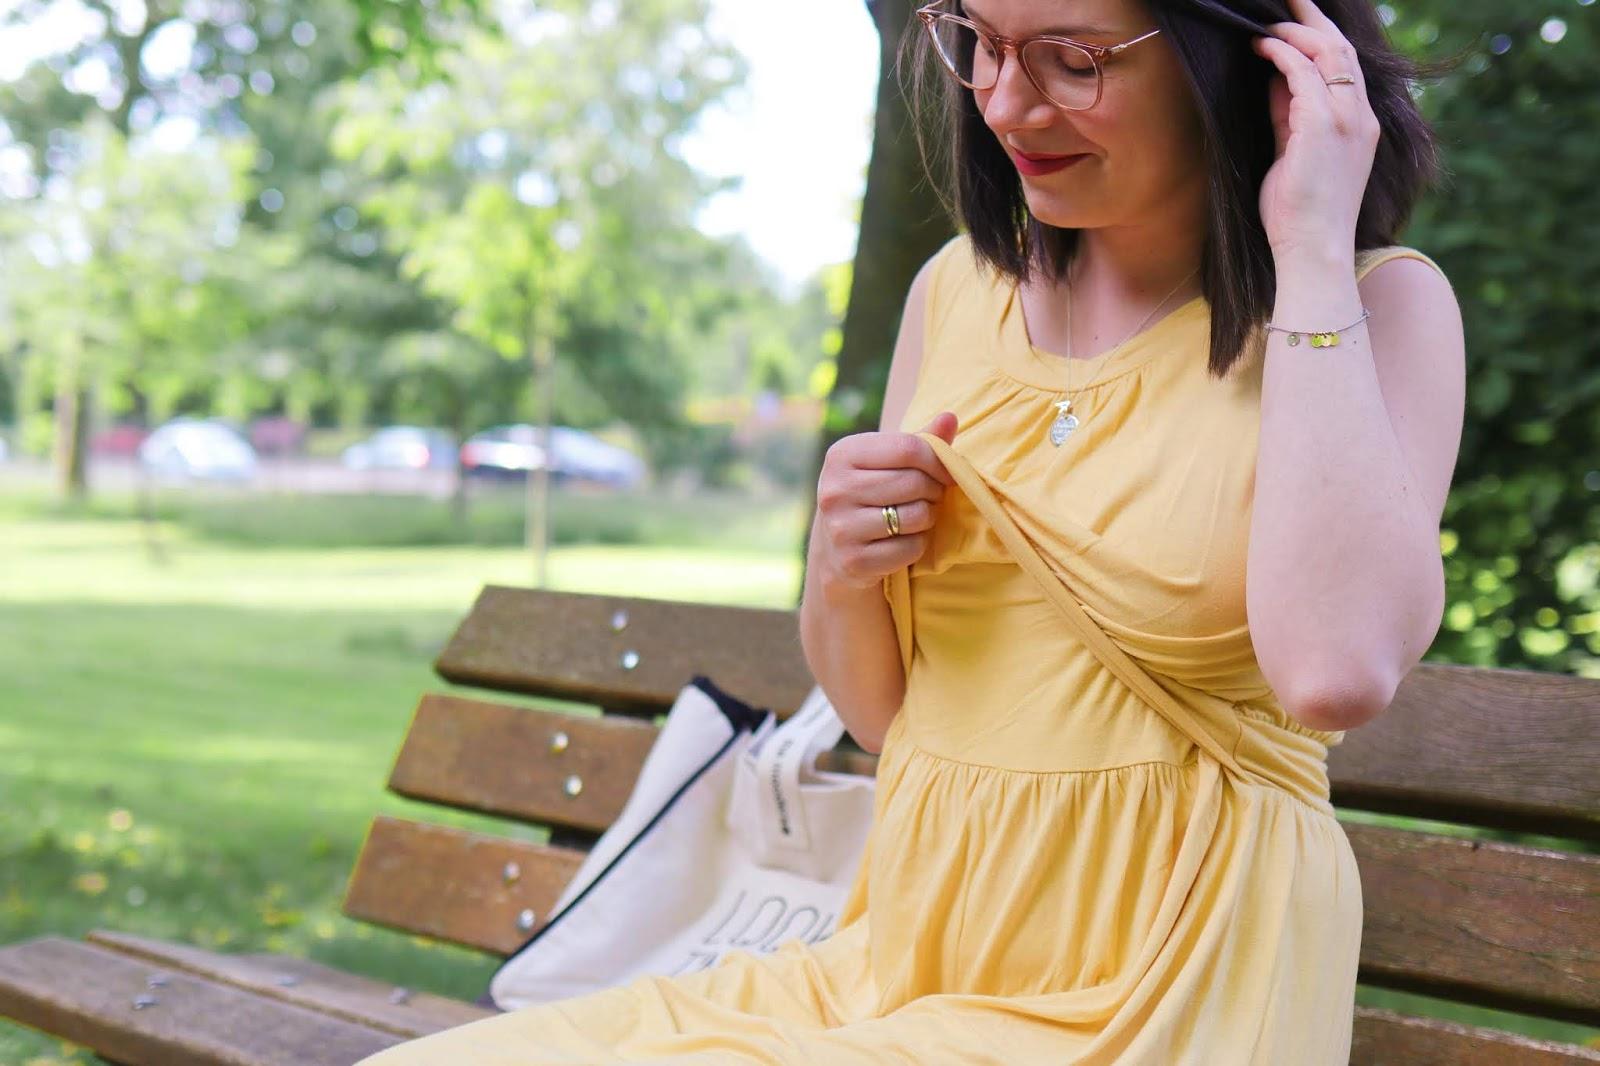 look comment s'habiller idée tenue allaitement allaiter vêtement pratique en public bébé robe tee shirt milker été vacances